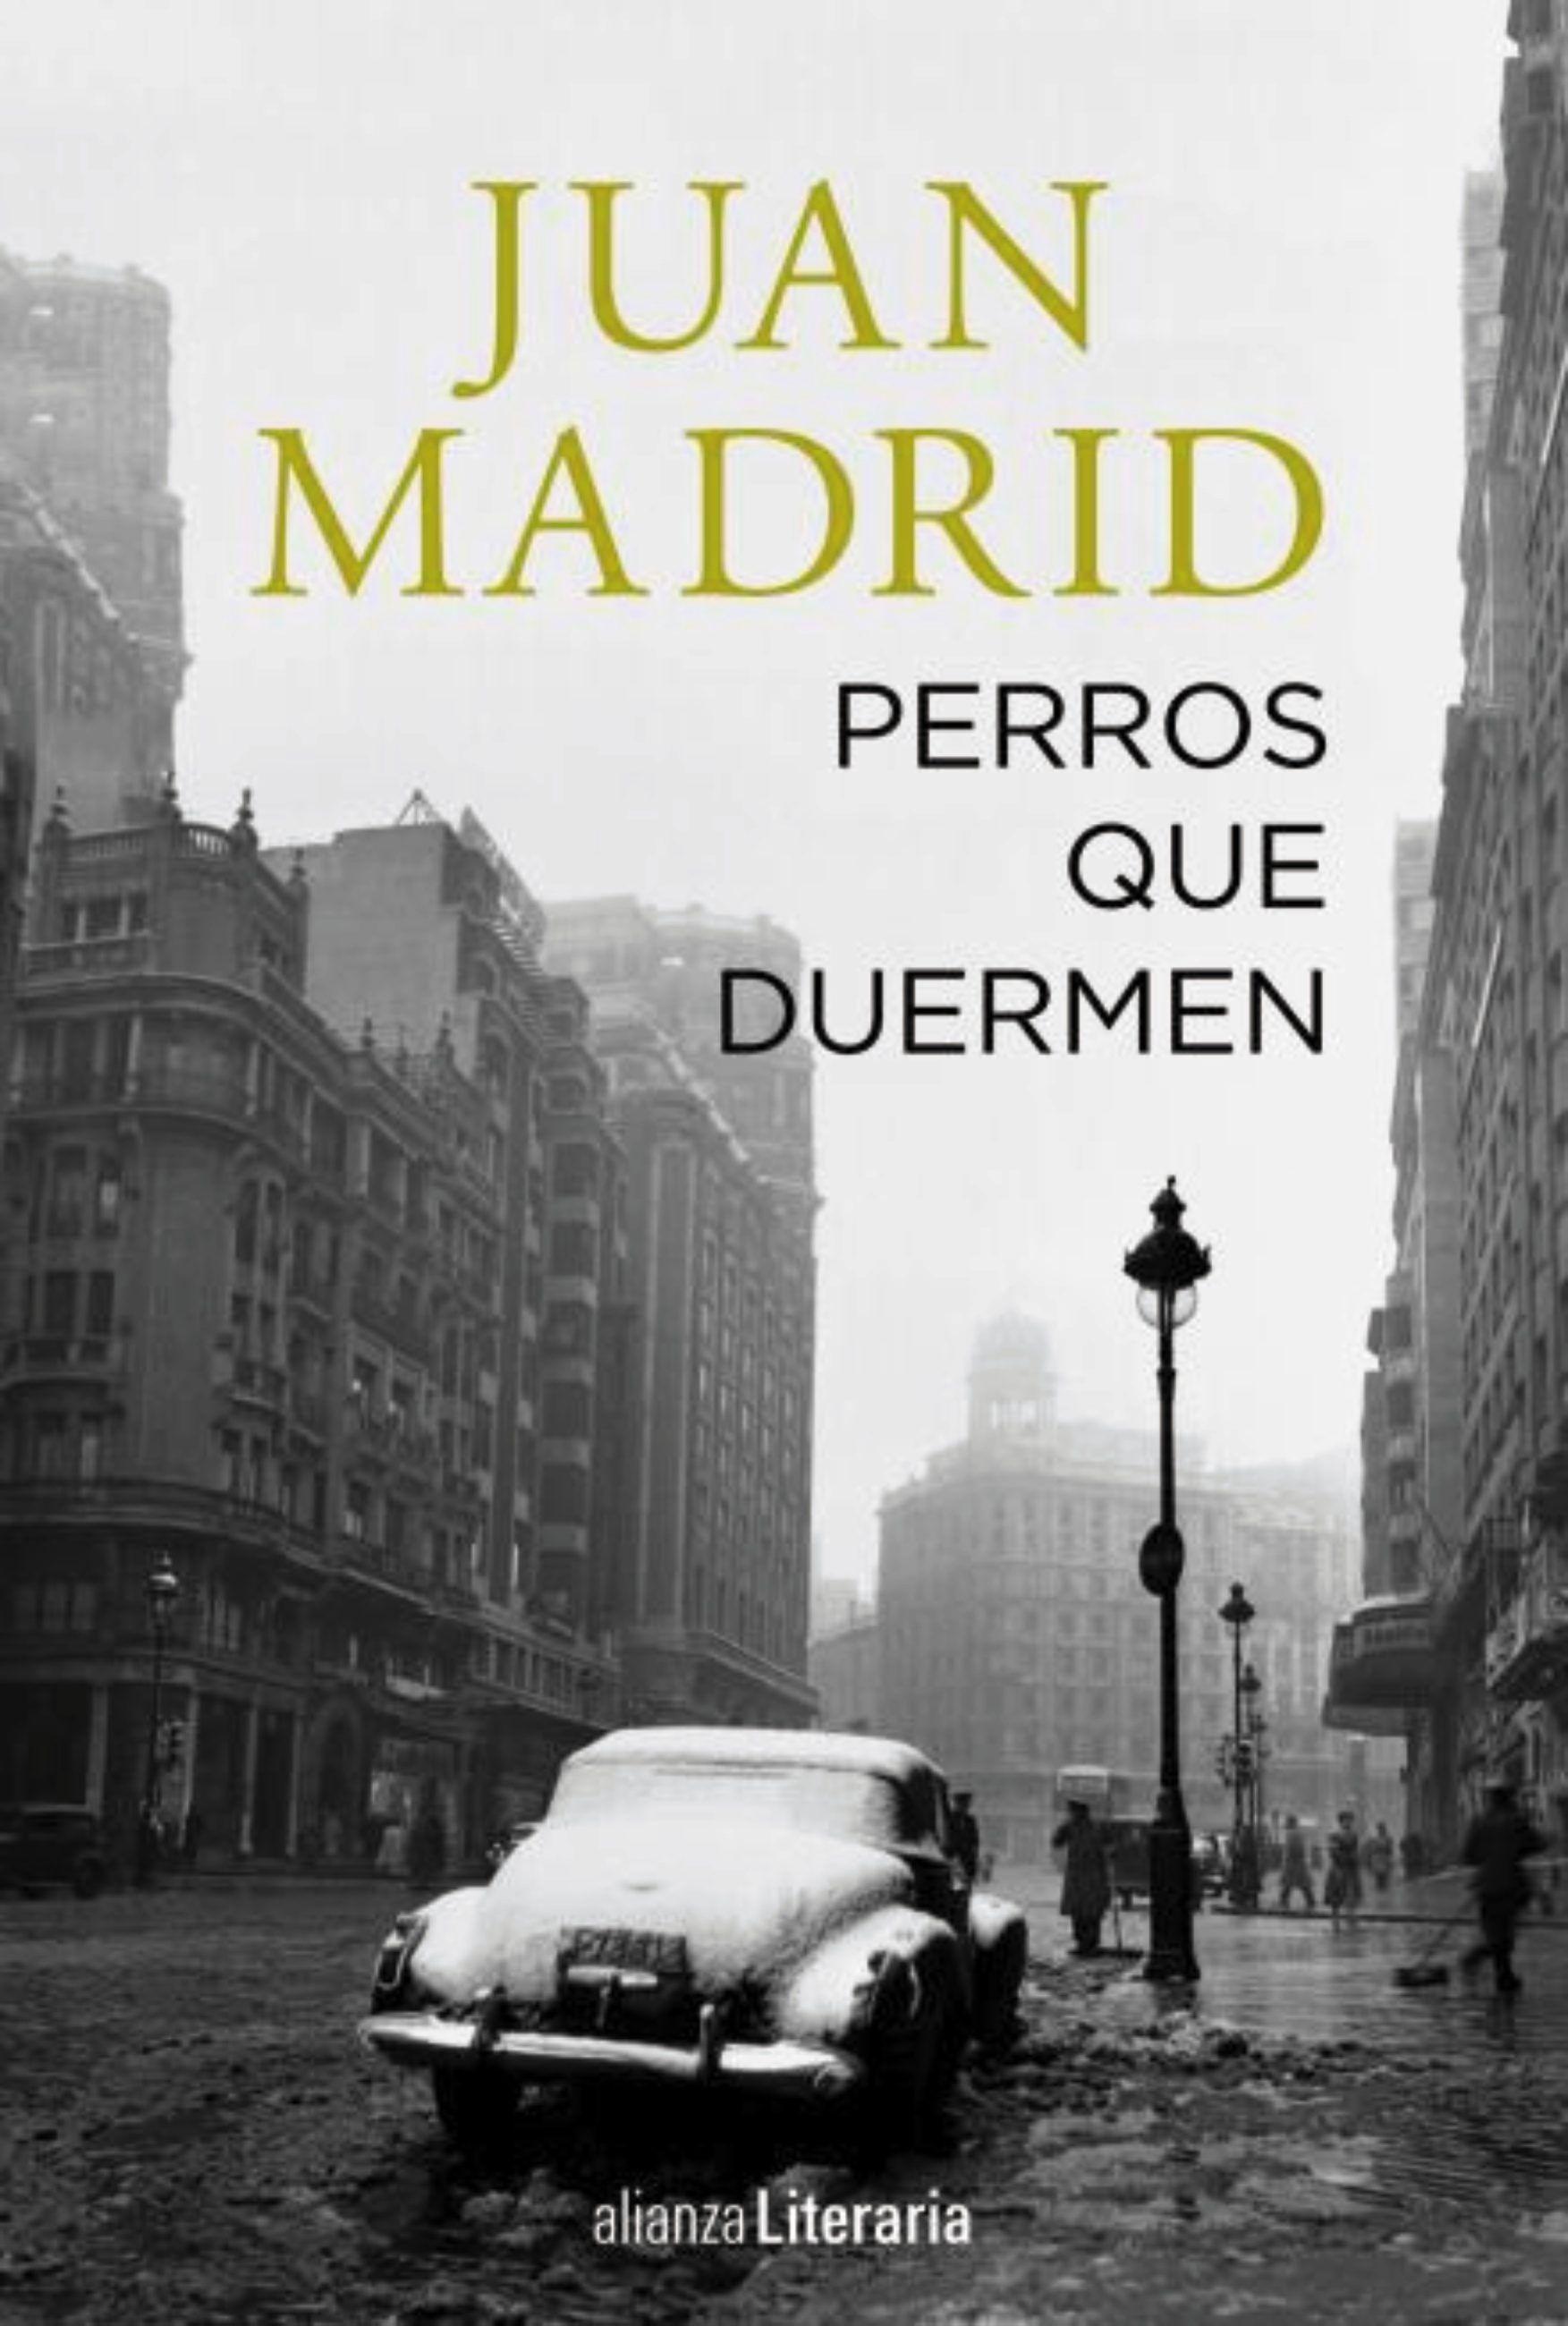 Madrid, 2011. Juan Delforo, periodista y escritor, hijo de padres republicanos y con un pasado de militancia en la lucha antifascista, acude a un chalet de El Viso para recoger el legado de un hombre que no conoce y que acaba de morir. https://www.alianzaeditorial.es/libro.php?id=4727395&id_col=100500&id_subcol=100501 http://rabel.jcyl.es/cgi-bin/abnetopac?SUBC=BPSO&ACC=DOSEARCH&xsqf99=1878436+